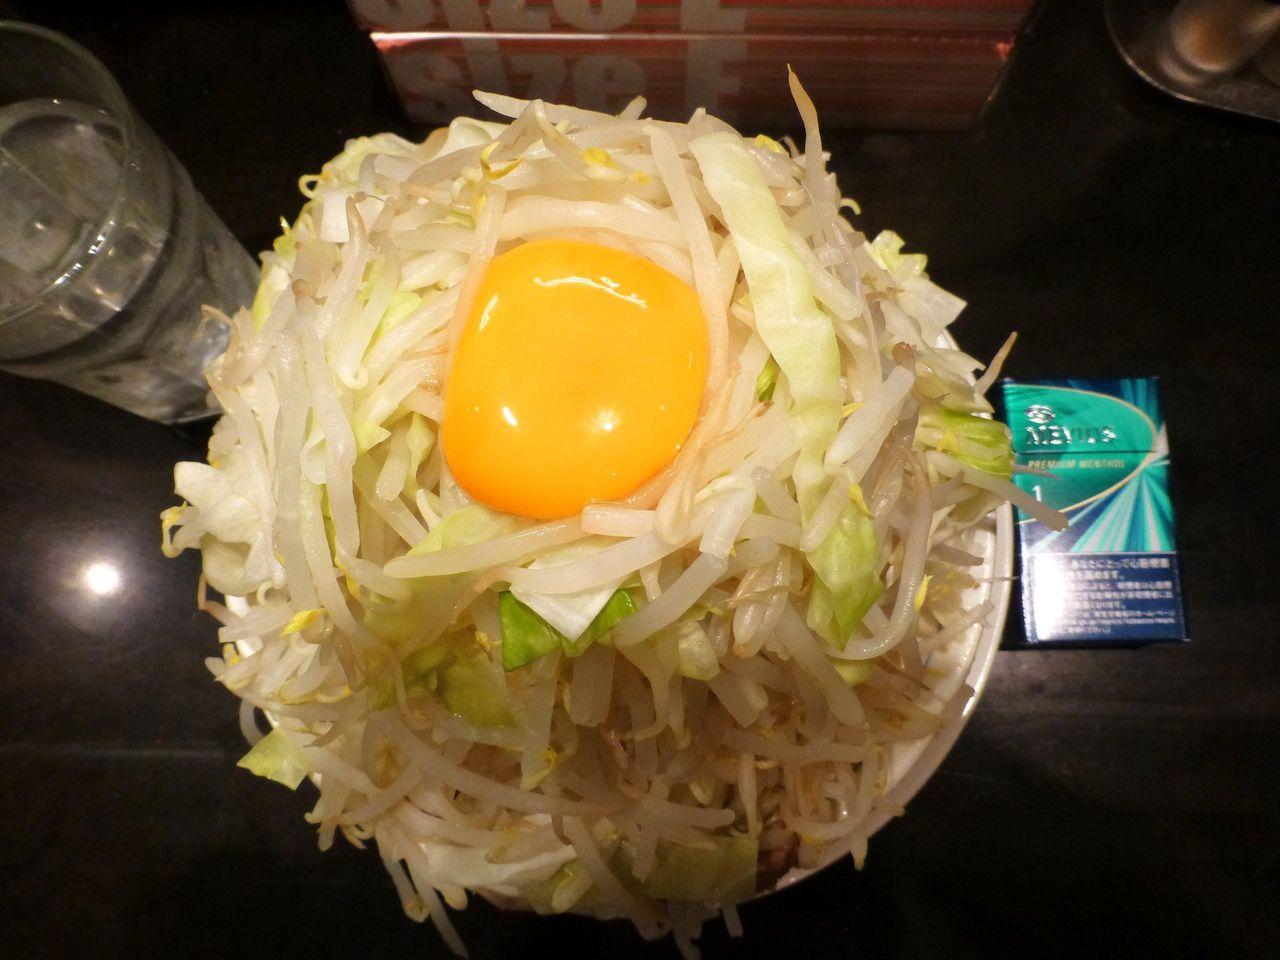 超高層野菜タワーの山頂に卵黄が乗ってます!